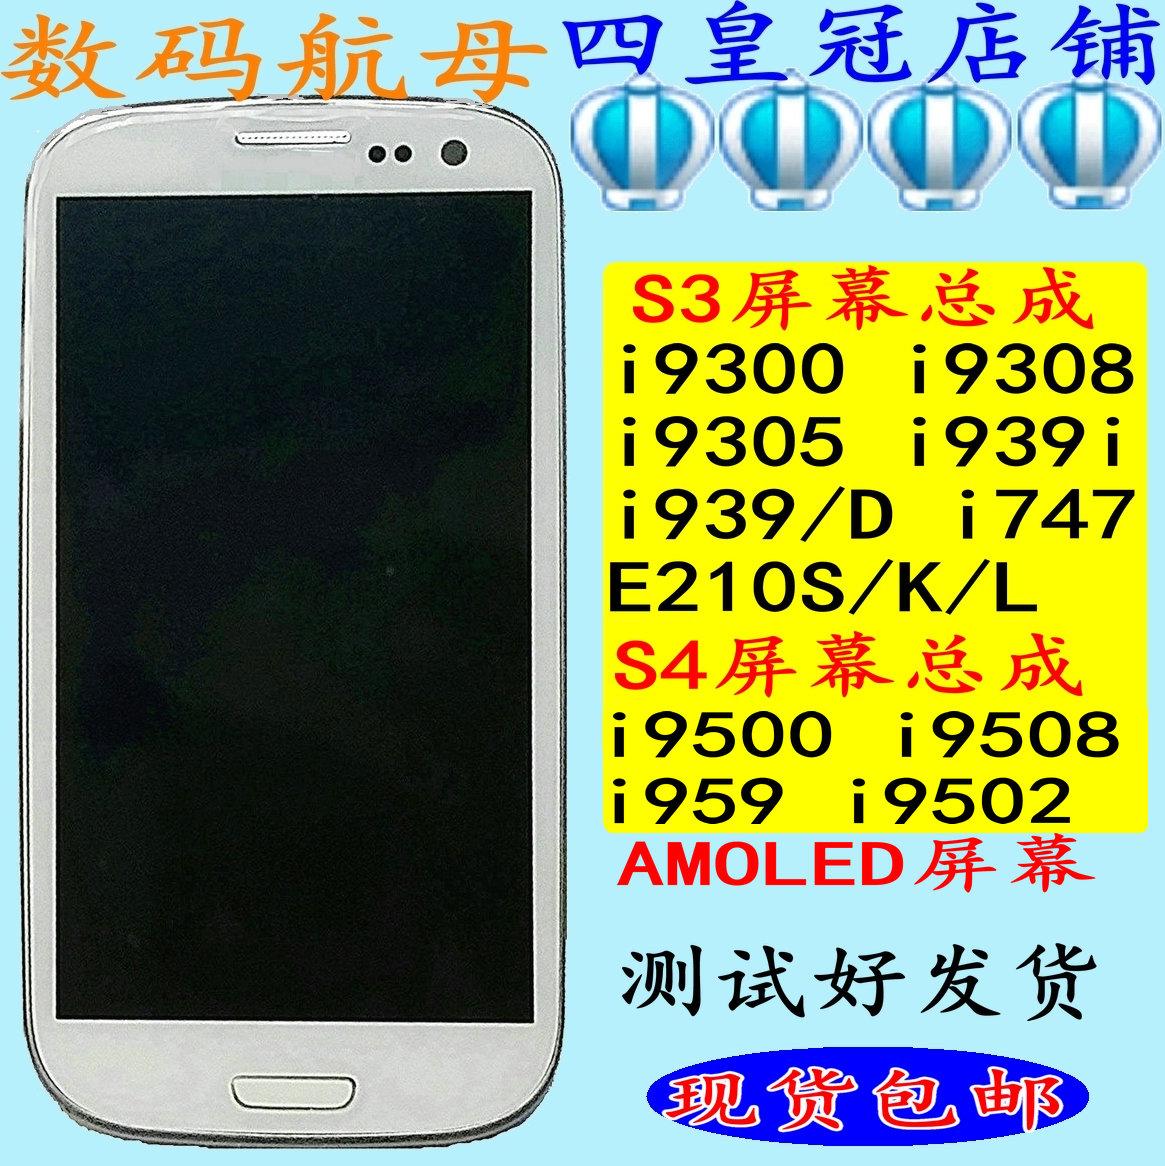 9305適用三星i9308i9300i939D顯示S3螢幕E210S/K/L總成9500i959S4